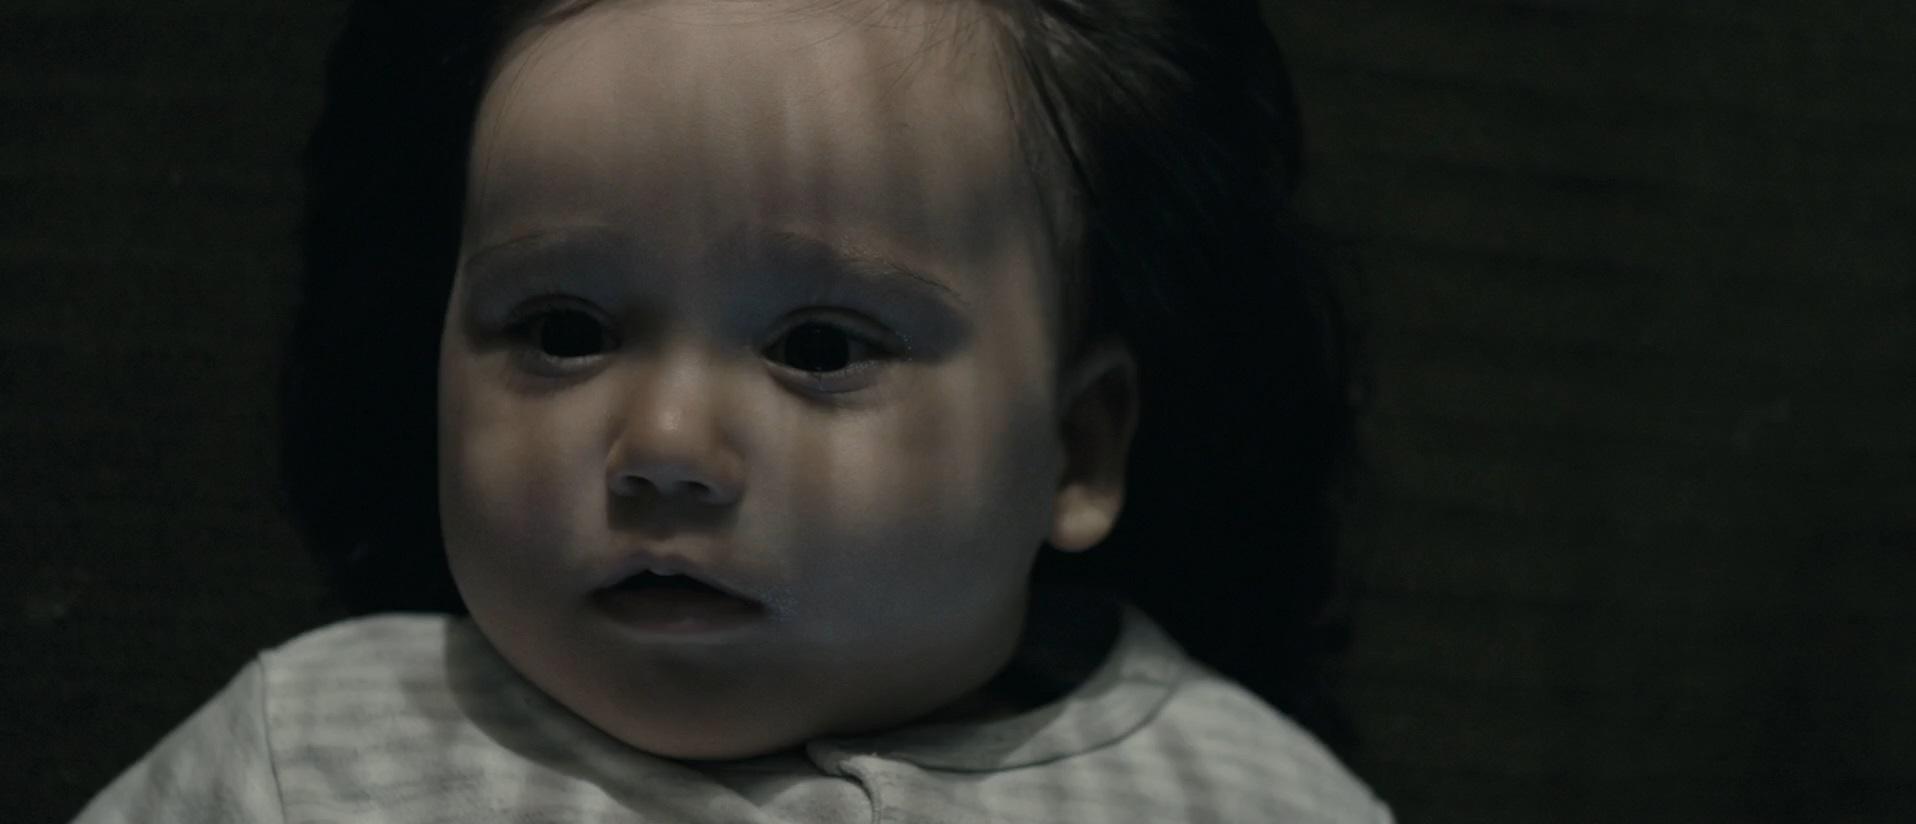 Efsunlu: Kabirden Gelen | 2020 | Yerli Film | WEB-DL | XviD | Sansürsüz | 1080p - m720p - m1080p | WEB-DL | Tek Link